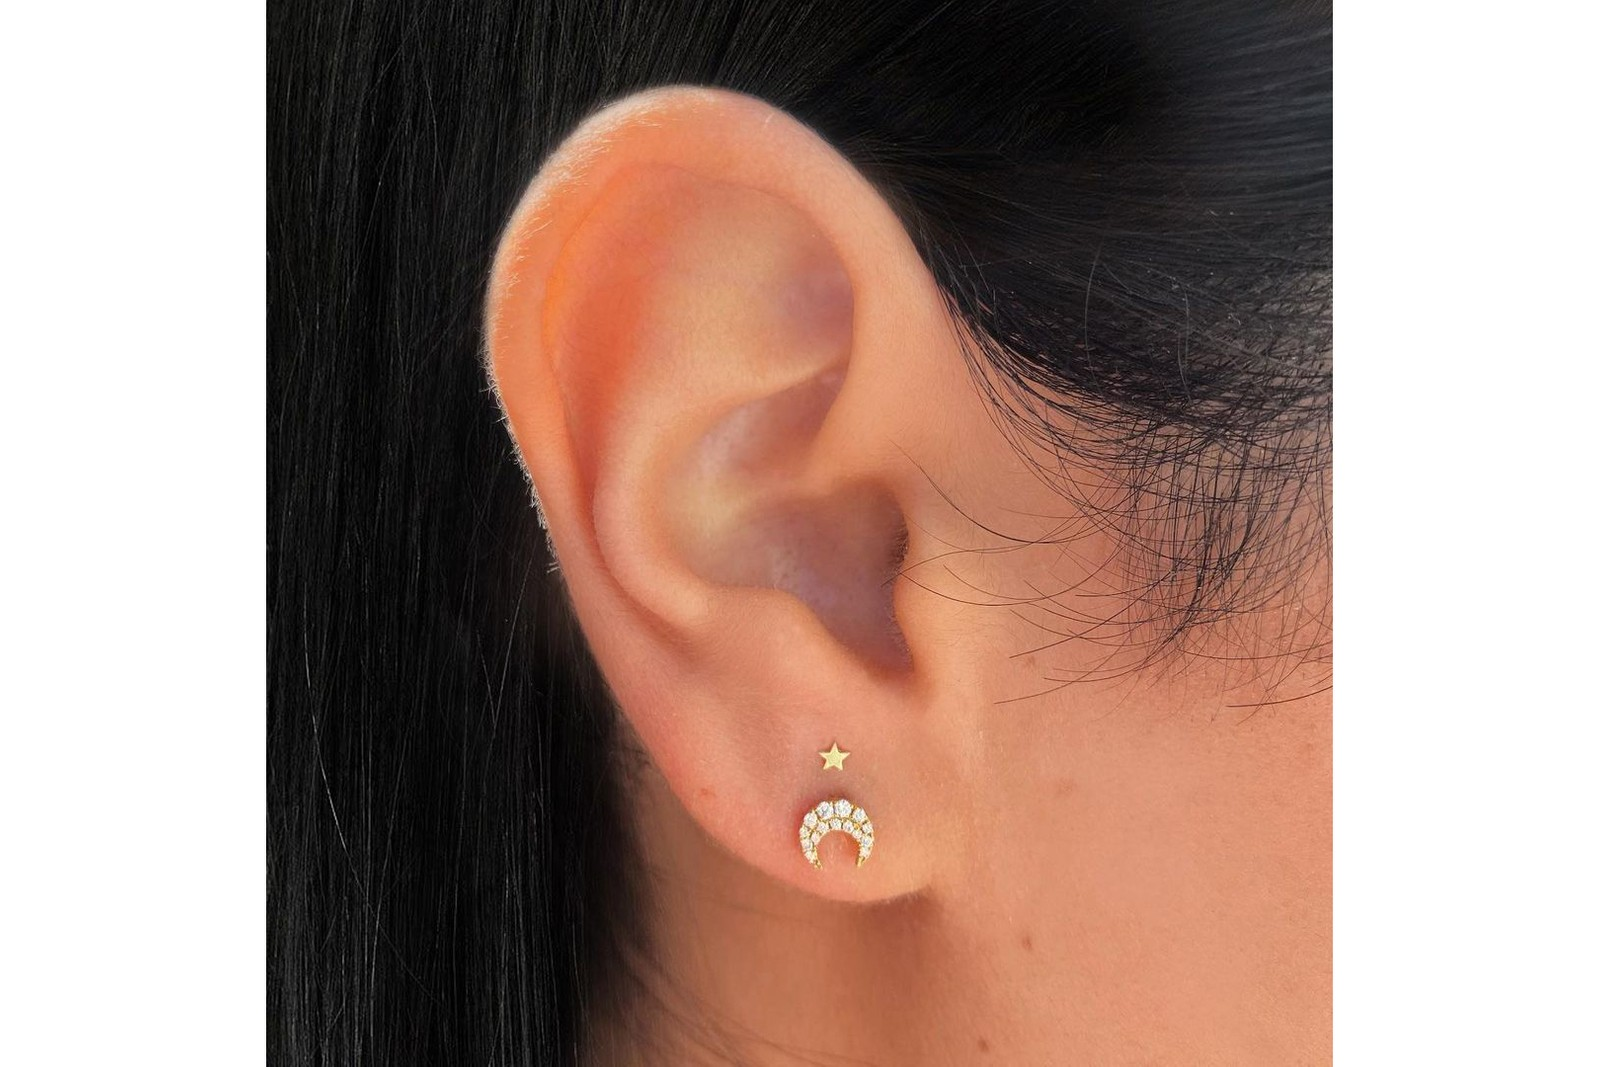 Ear Piercings Earrings Jewelry Lobe Cartilage